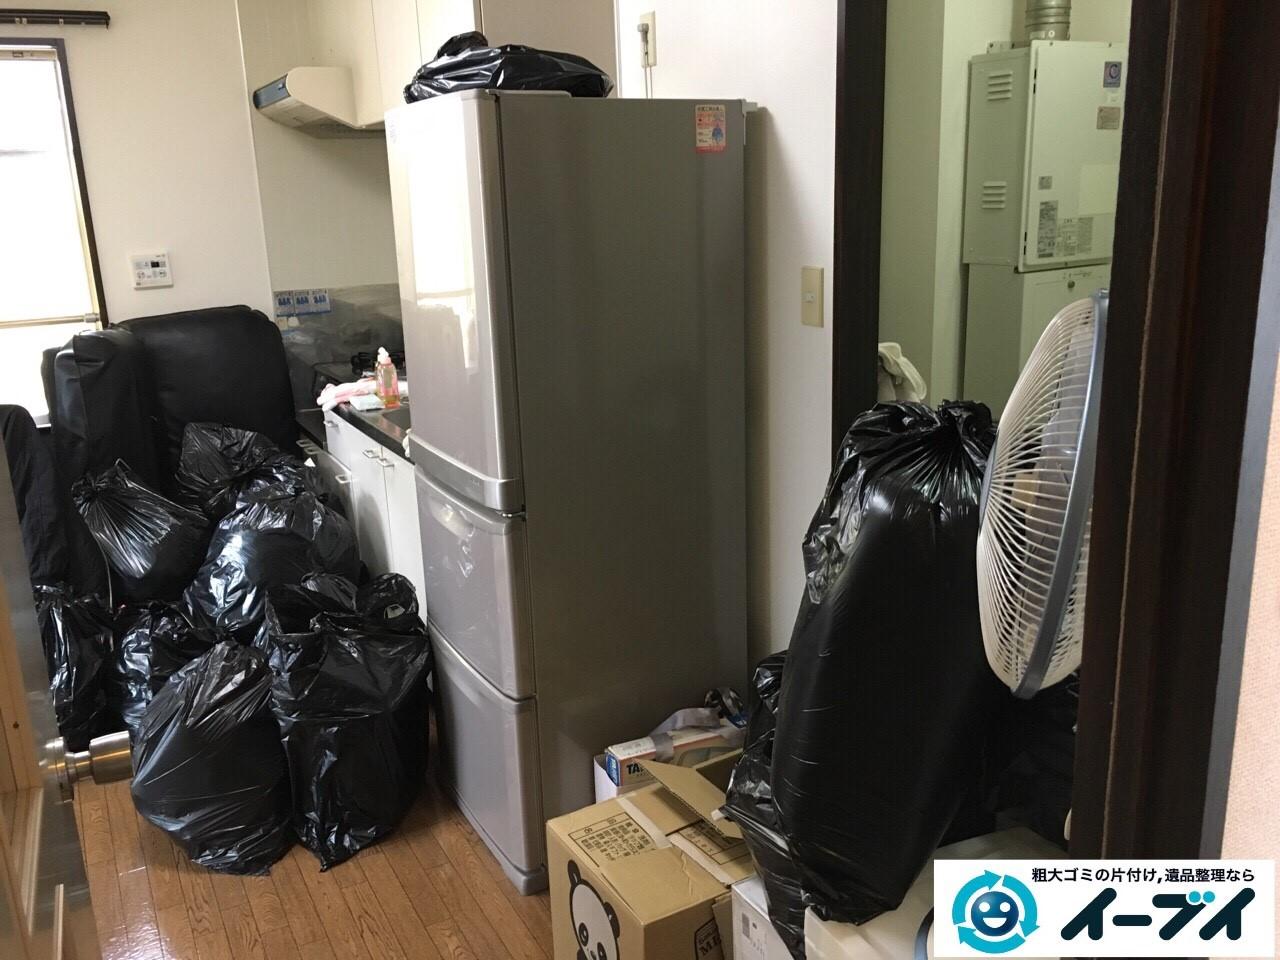 1月10日 大阪府堺市堺区で食器棚や冷蔵庫など家具や粗大ゴミの不用品回収をしました。写真3